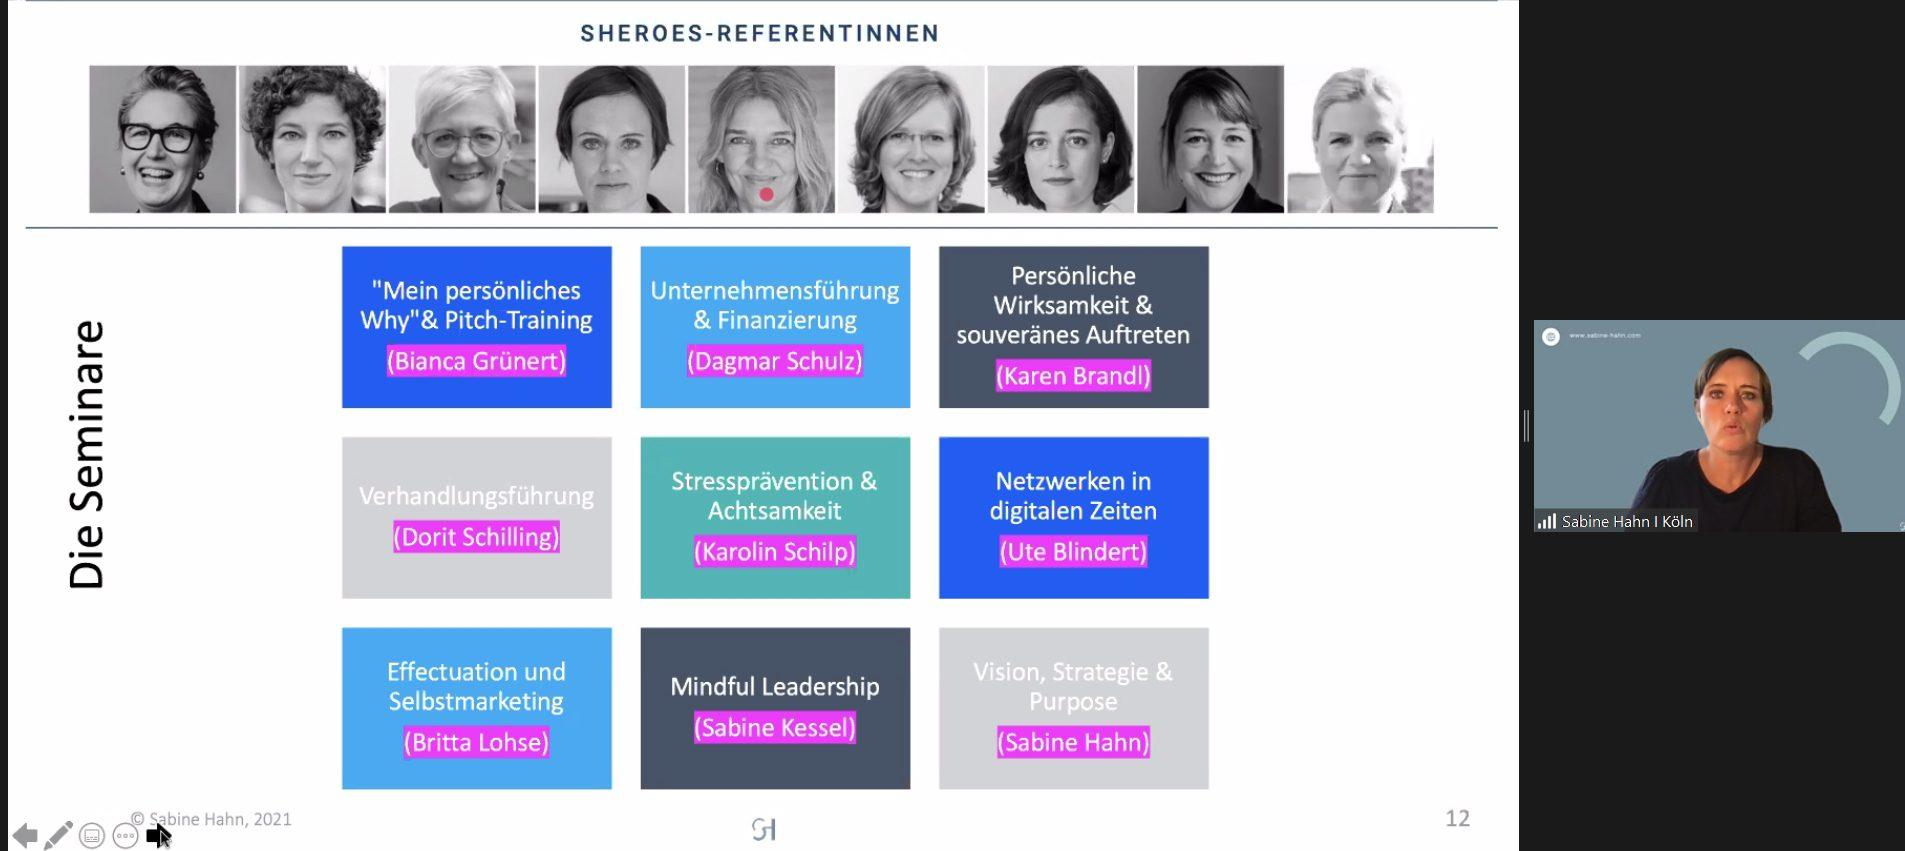 SHEROES Seminare für Medienfrauen des MGZ in Kooperation mit #DMWrhl